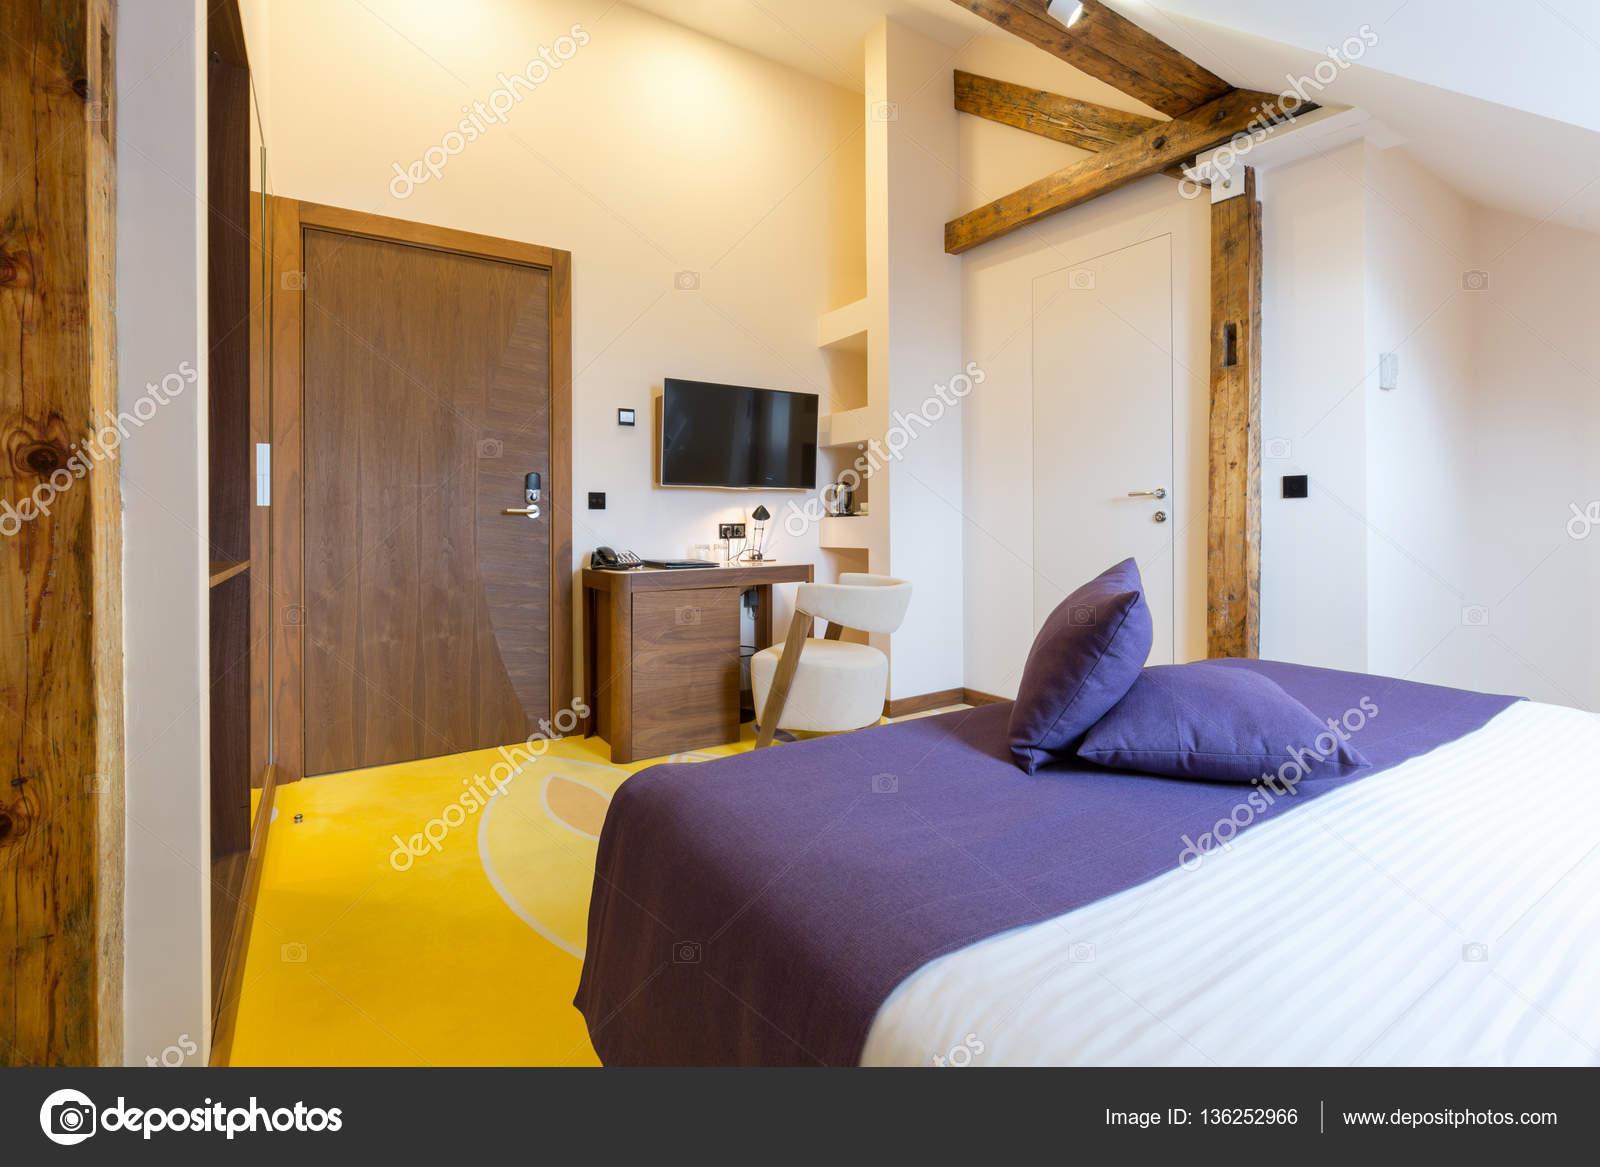 Kleur Corridor Appartement : Hotel slaapkamer interieur in de loft appartement u stockfoto